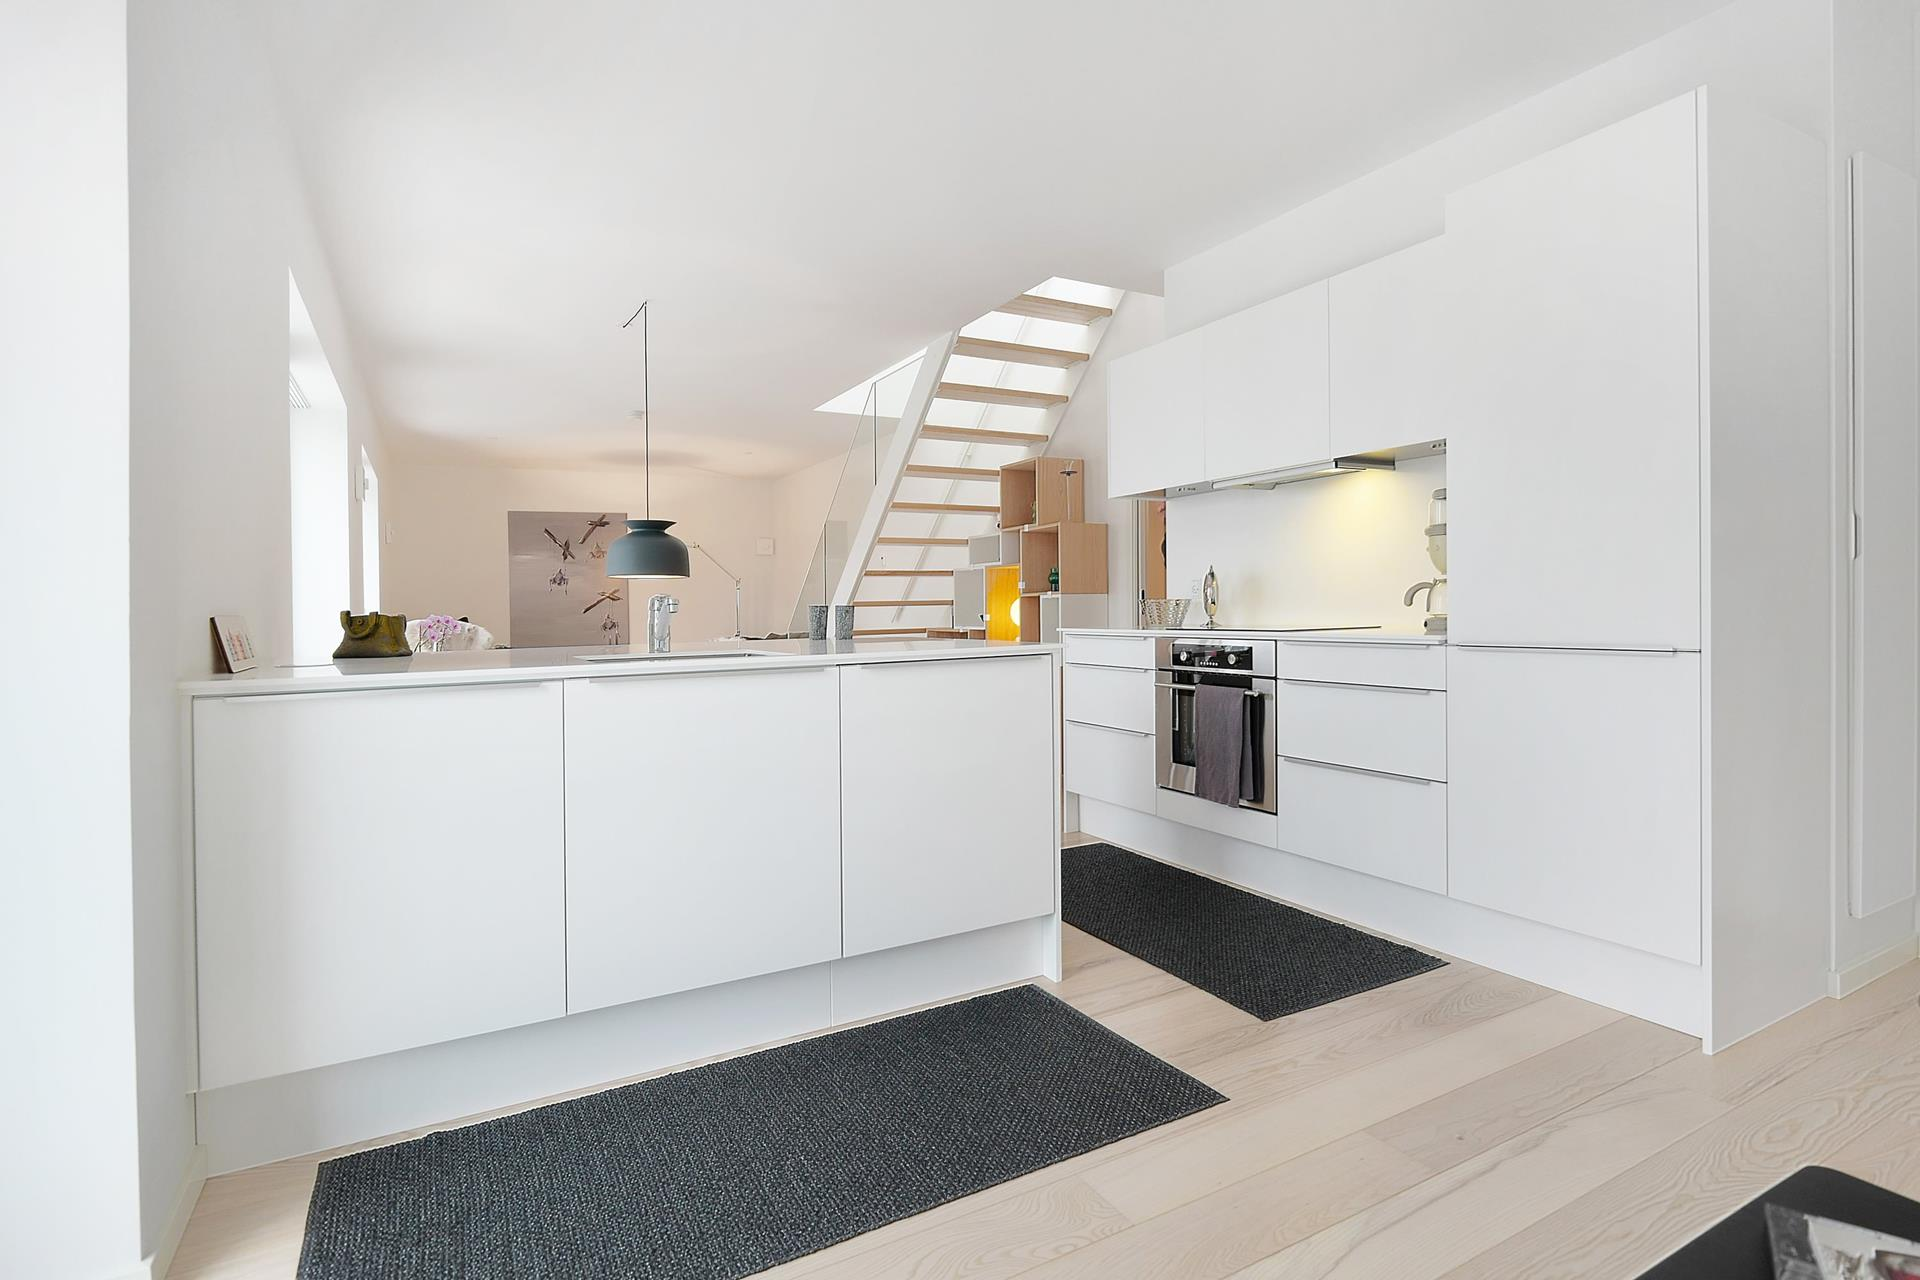 Los nuevos pisos daneses - Blog tienda decoración estilo nórdico ...